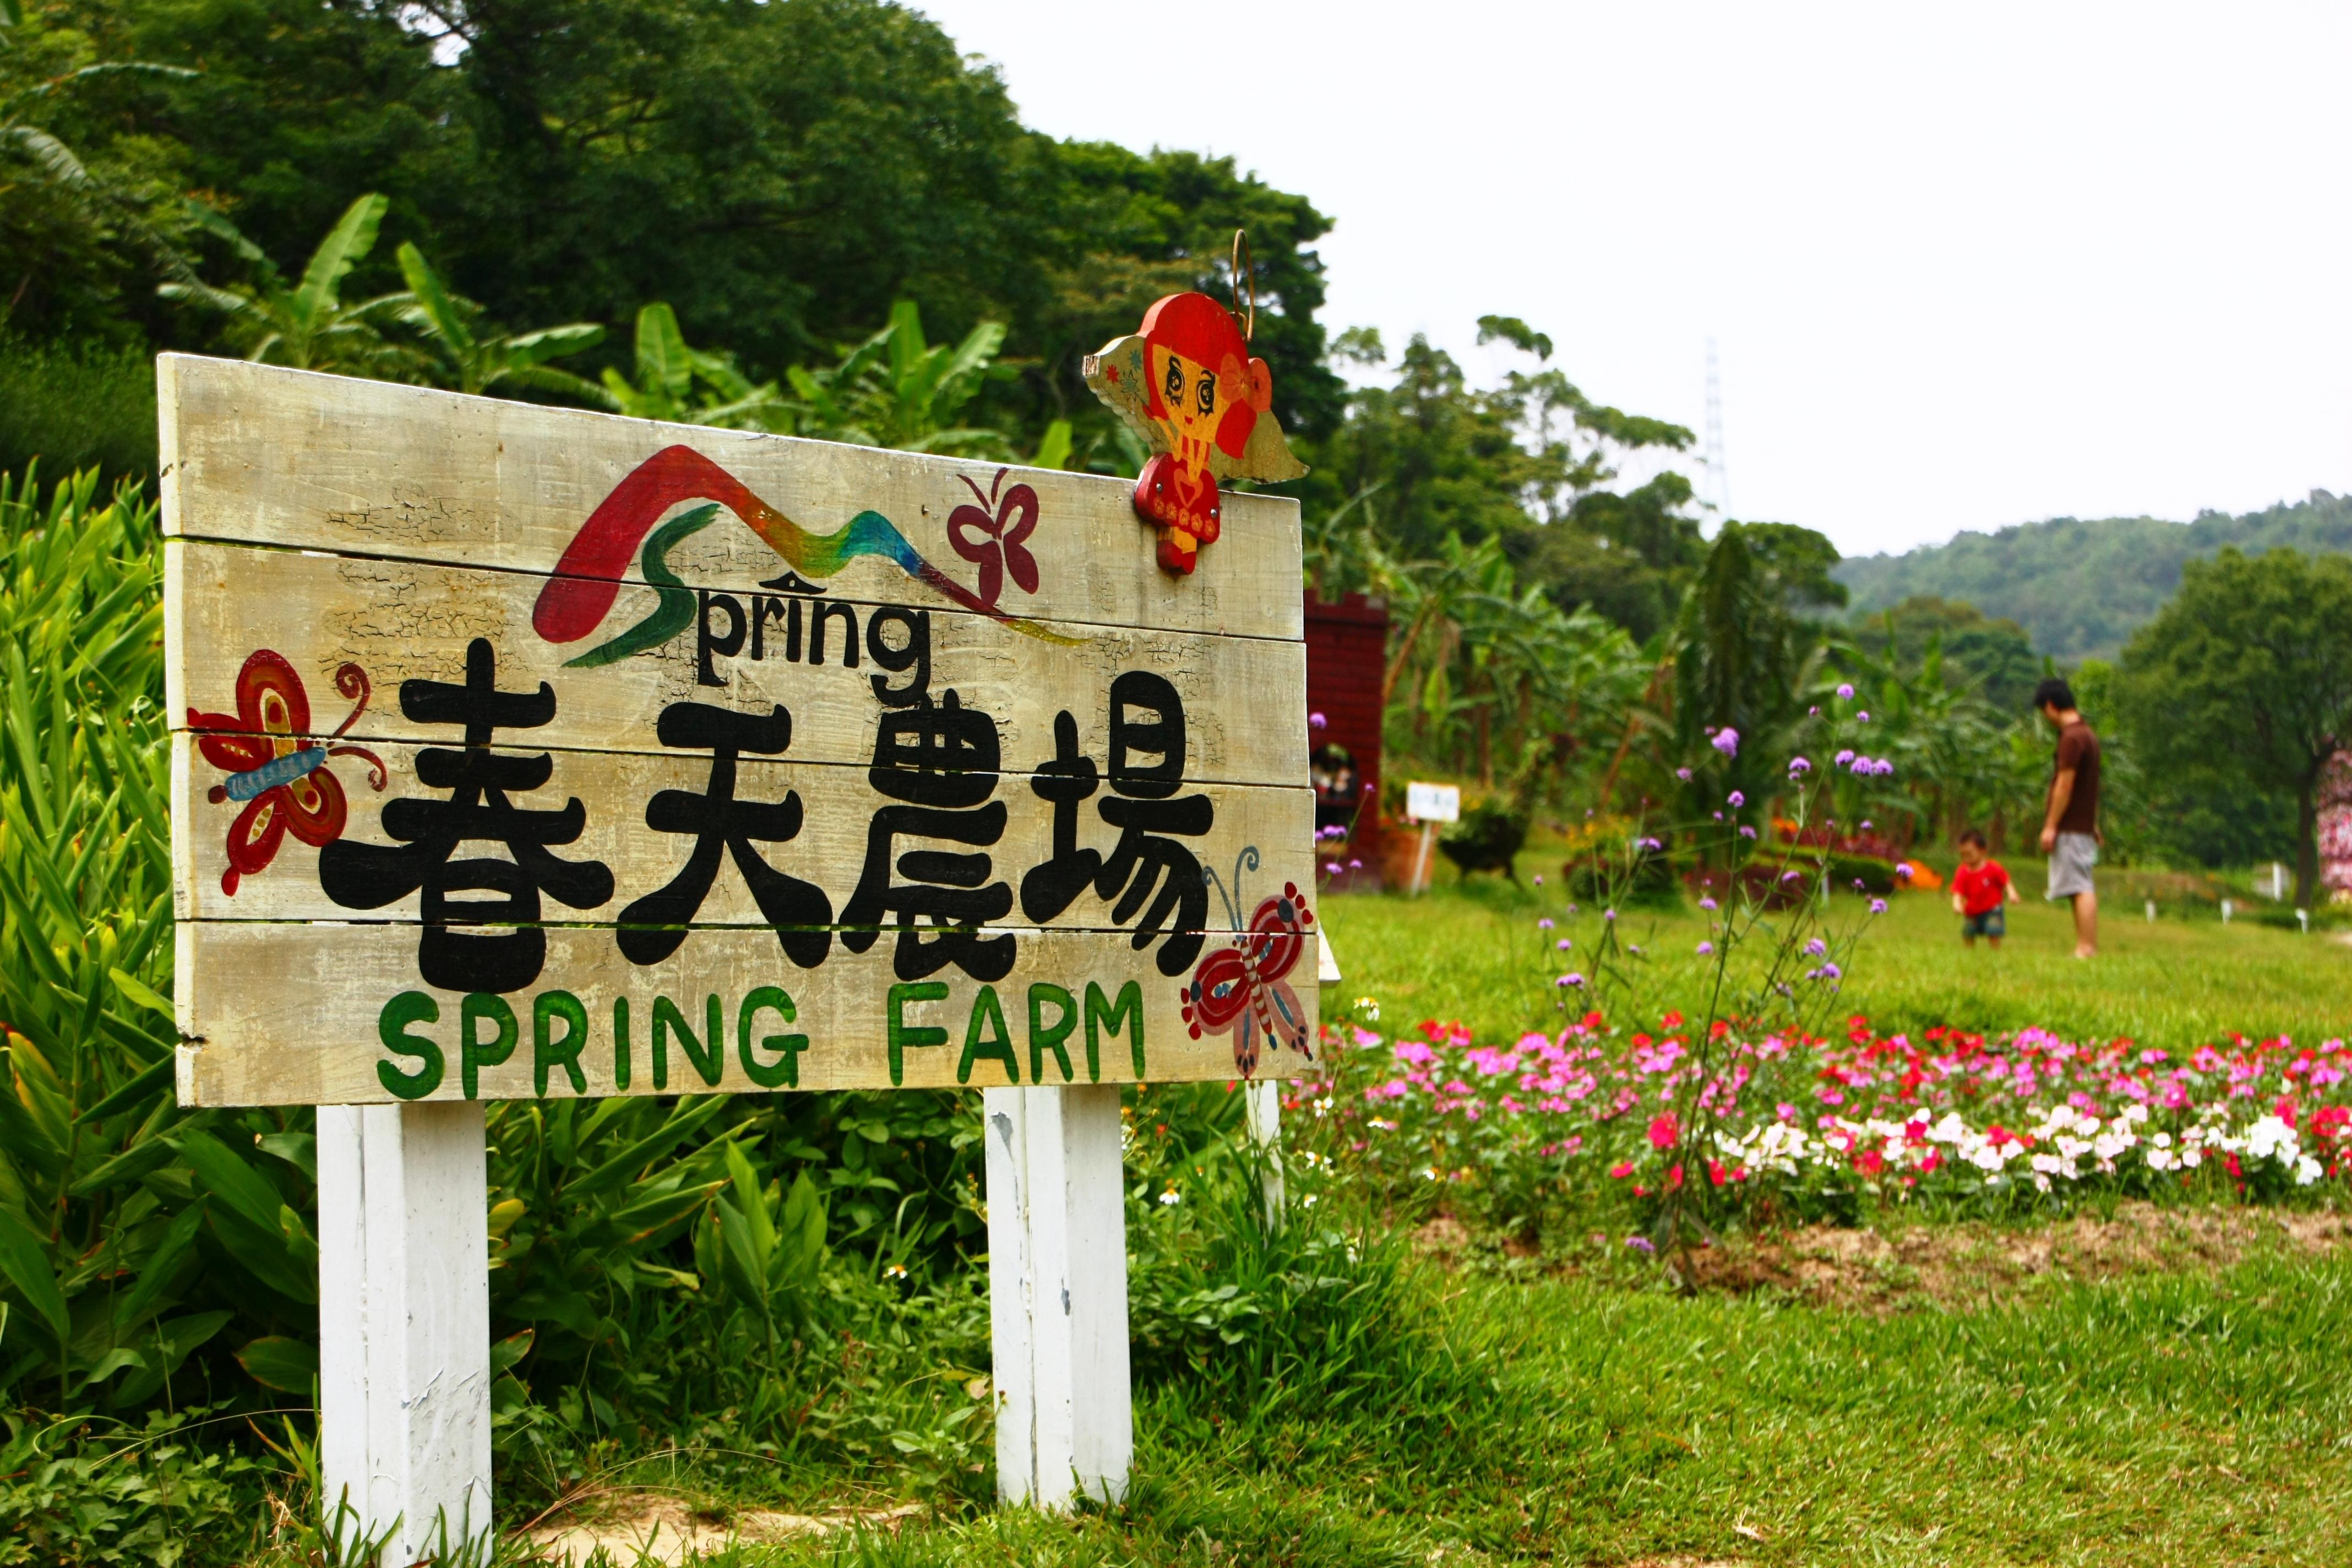 都市人的天堂秘境 – 春天農場 @魚兒 x 牽手明太子的「視」界旅行